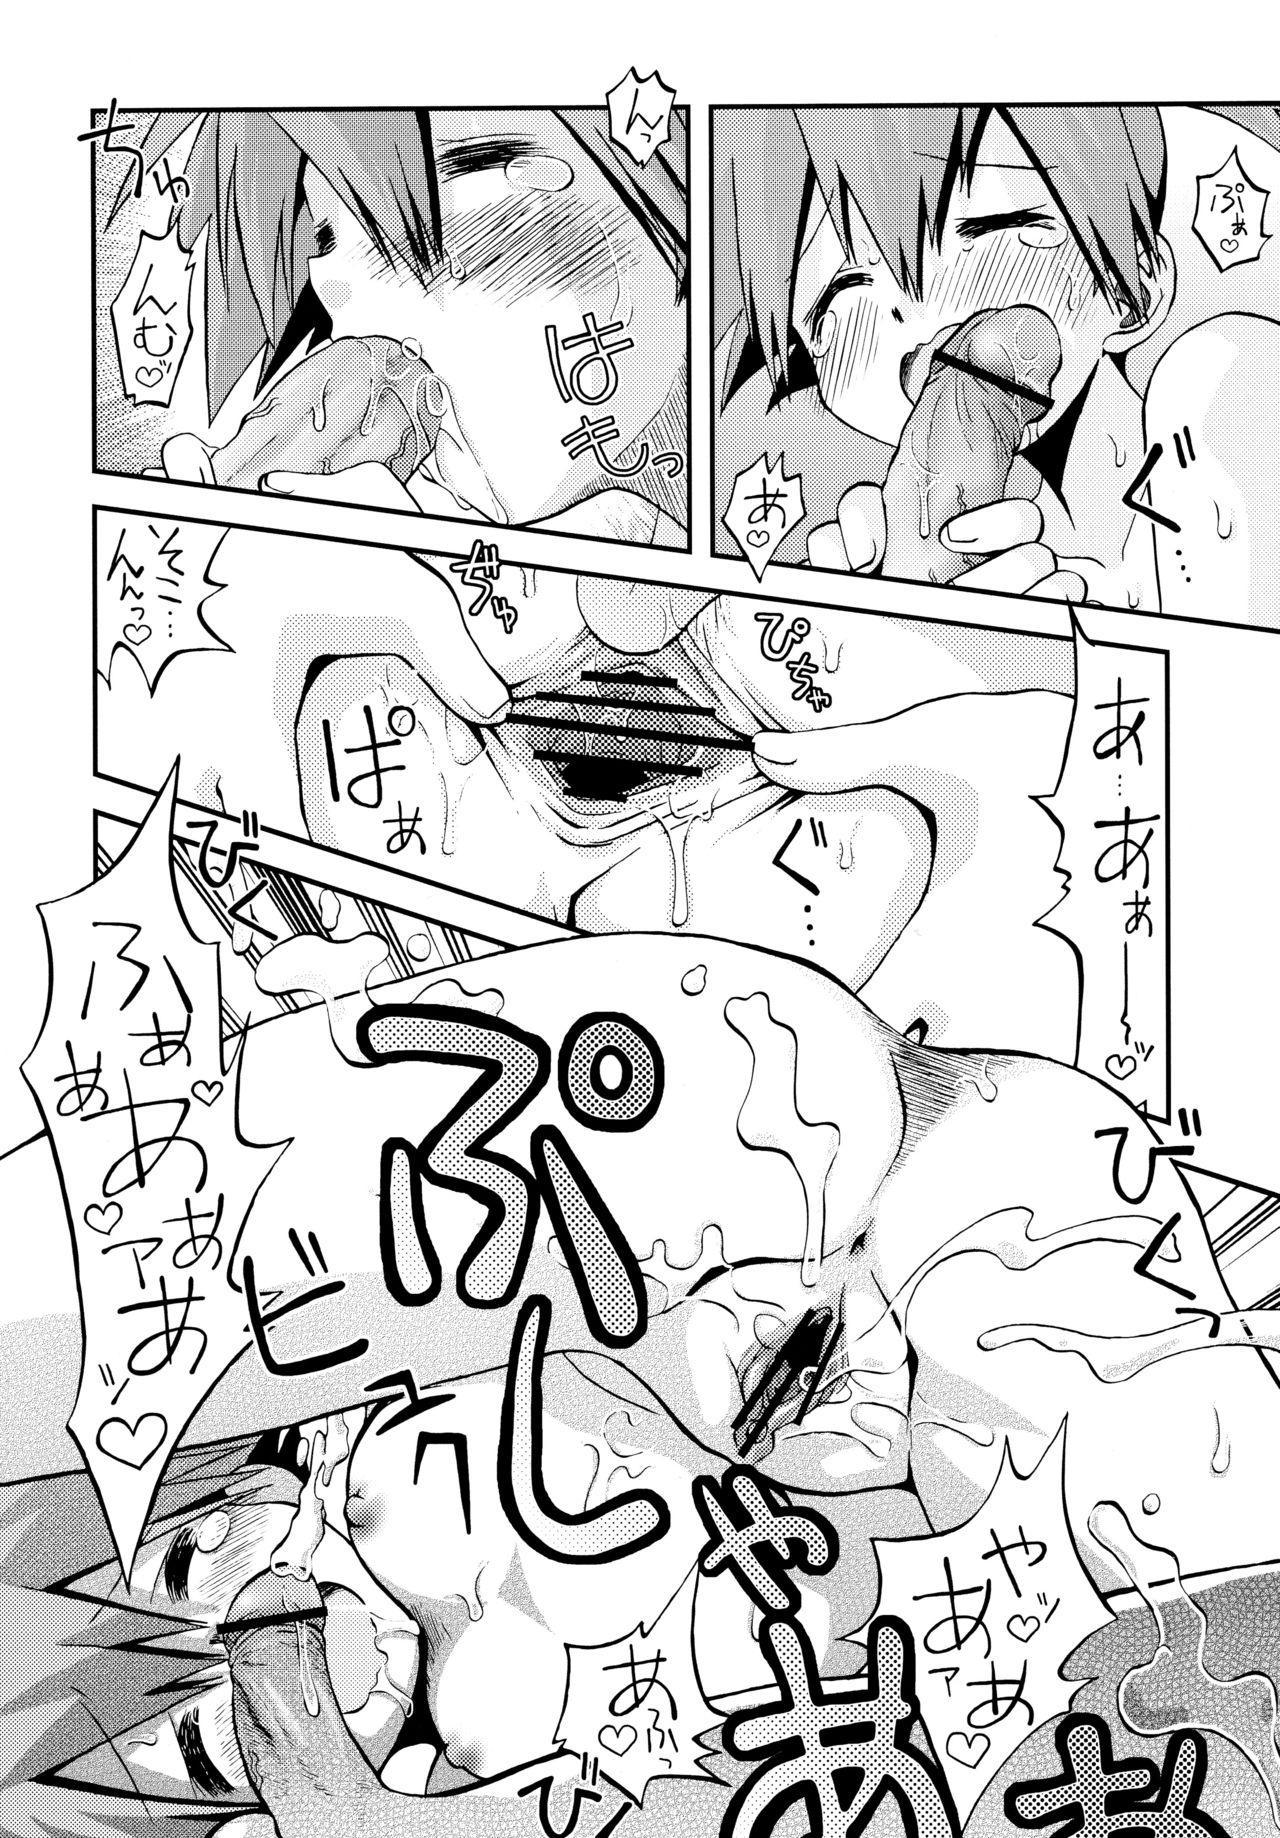 Kieteshimai souna Yume kotobanisureba 12